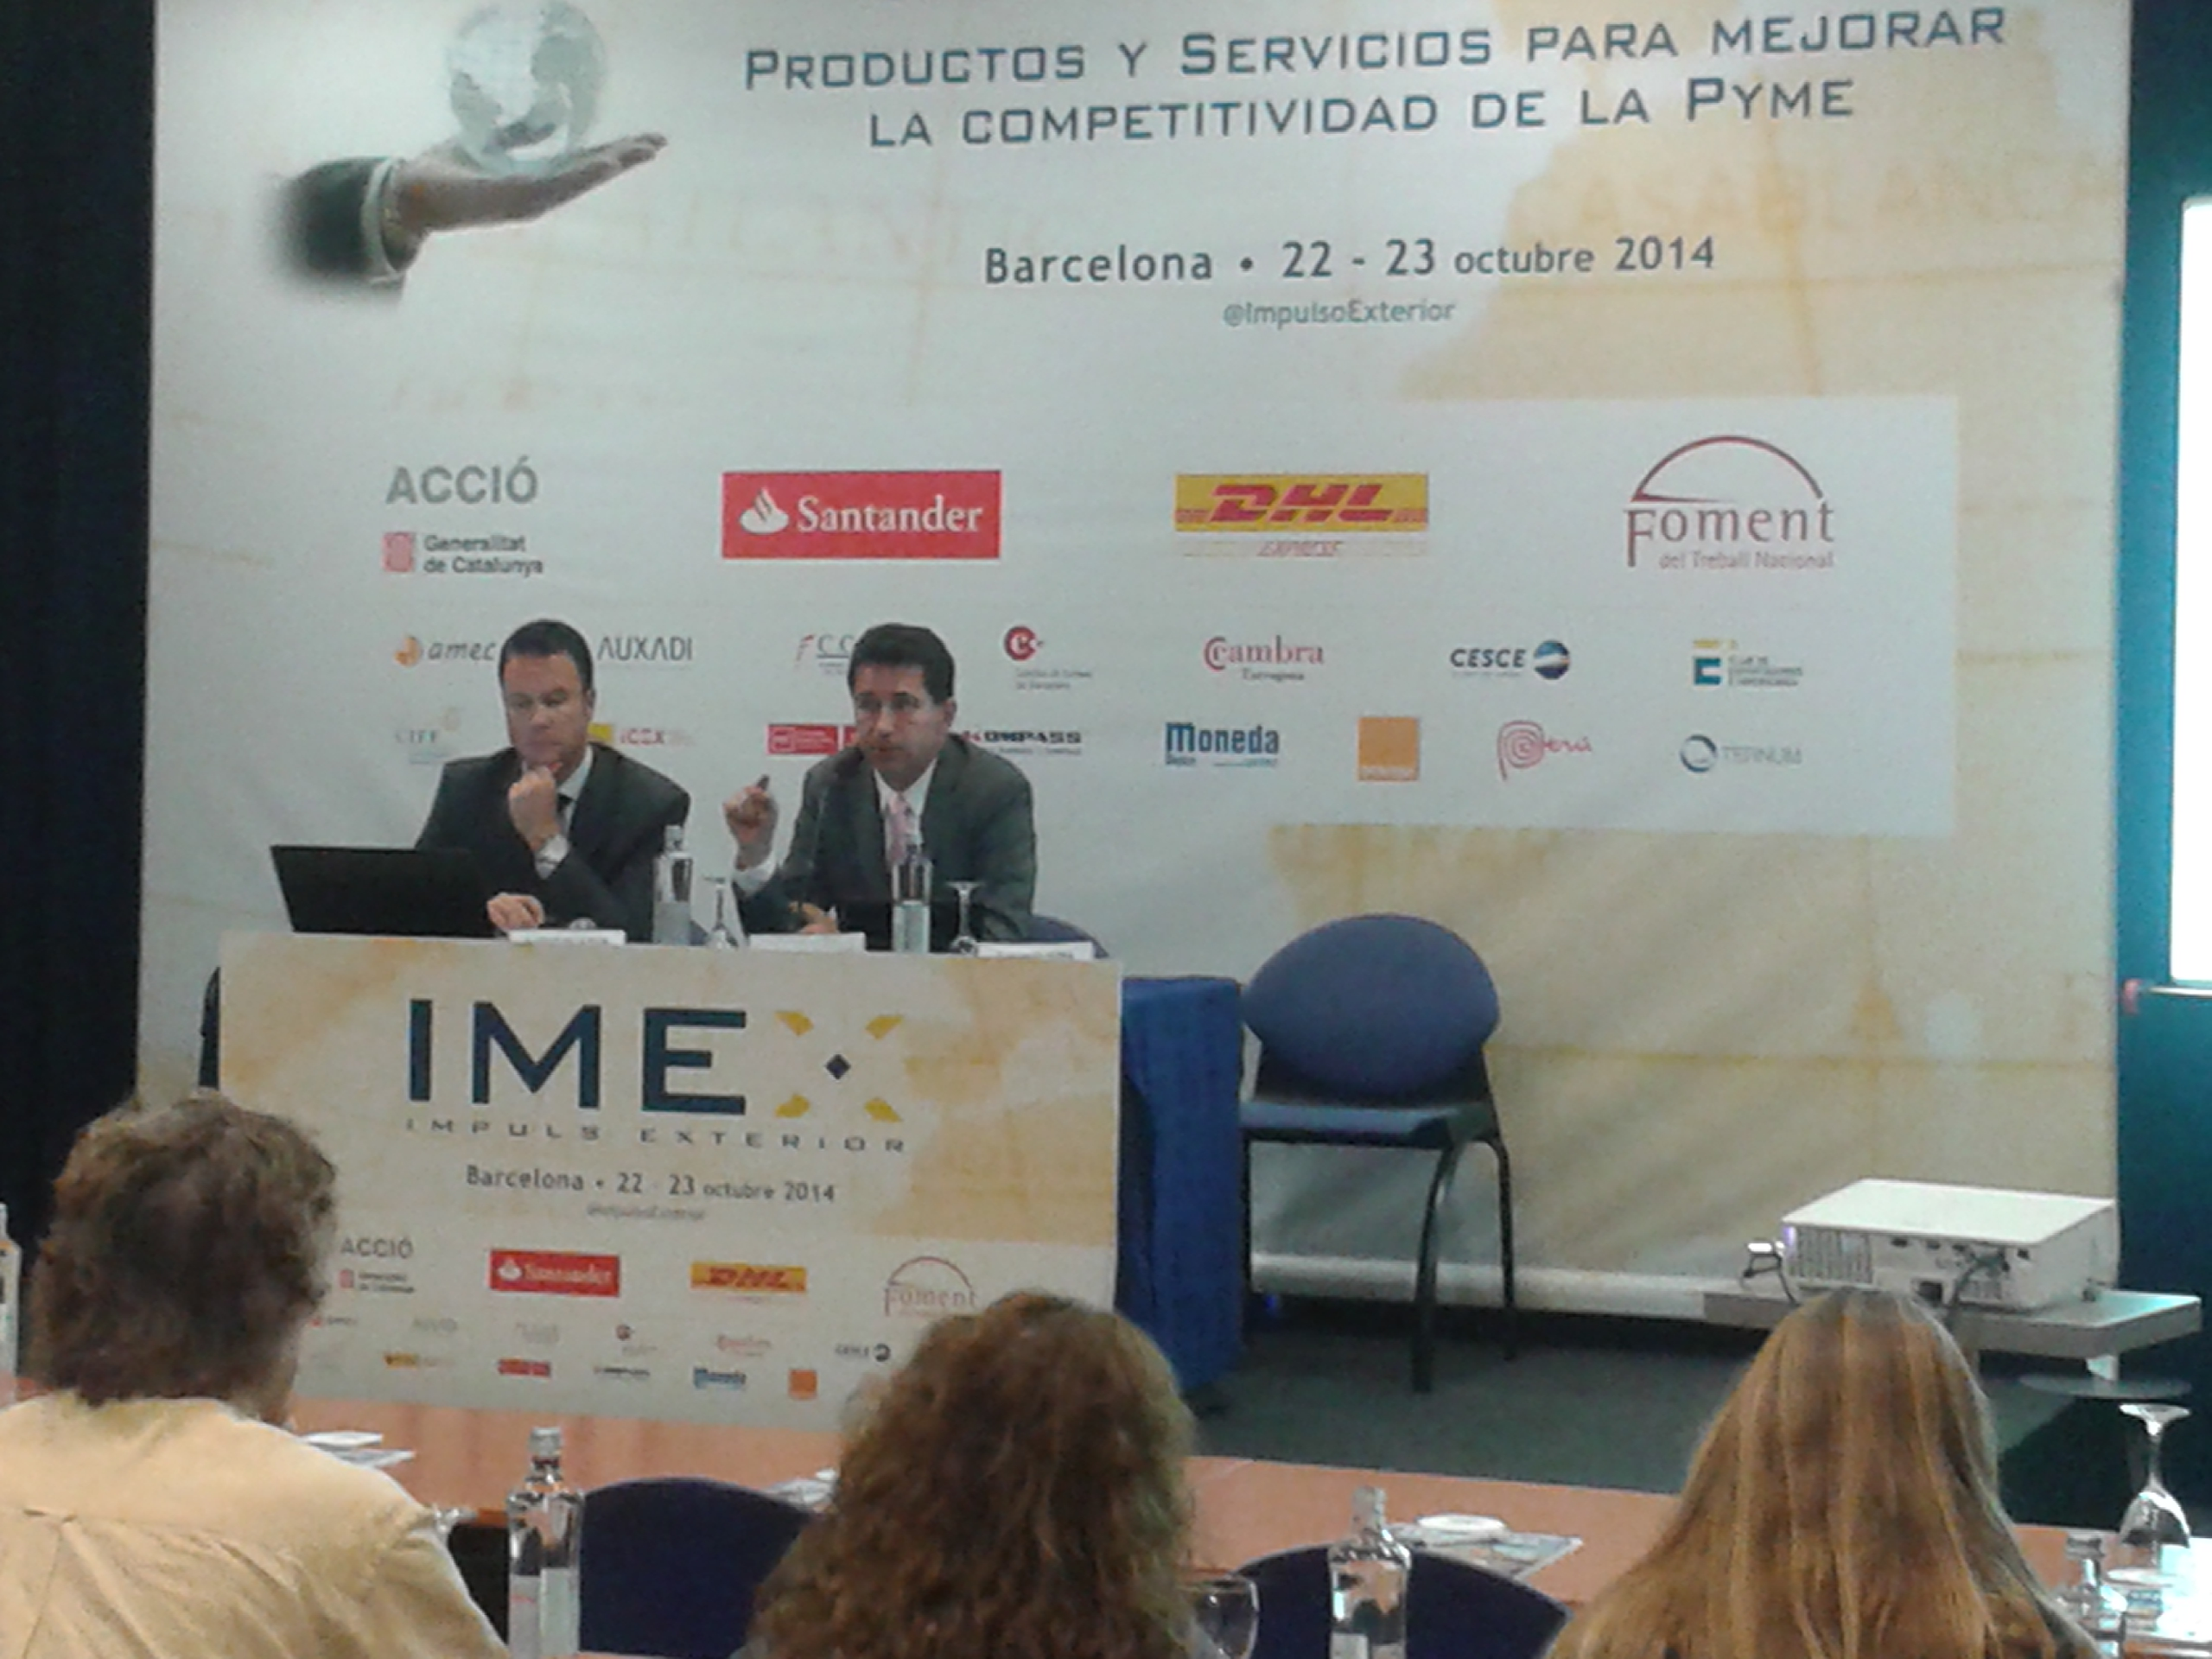 Evalue Asesores obtiene un elevado reconocimiento en IMEX-Barcelona